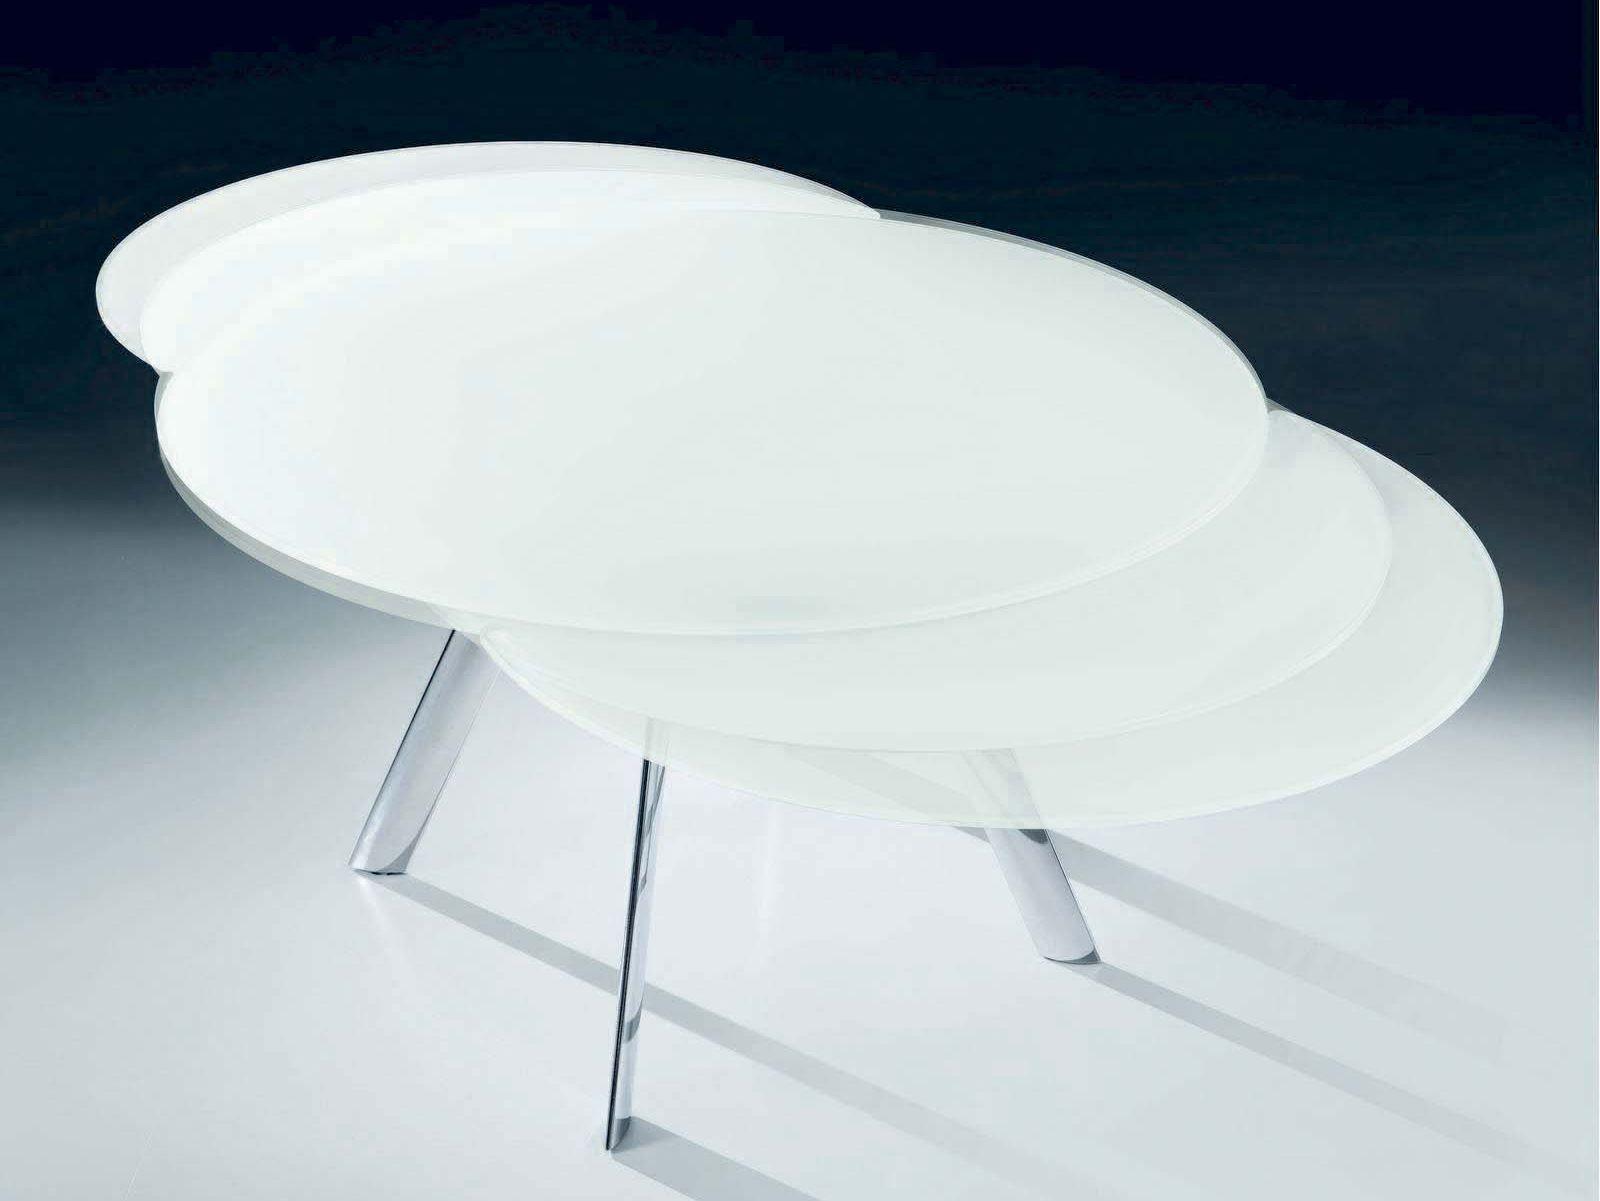 Giro table ronde by bontempi casa design enio calosi - Table ronde telescopique ...